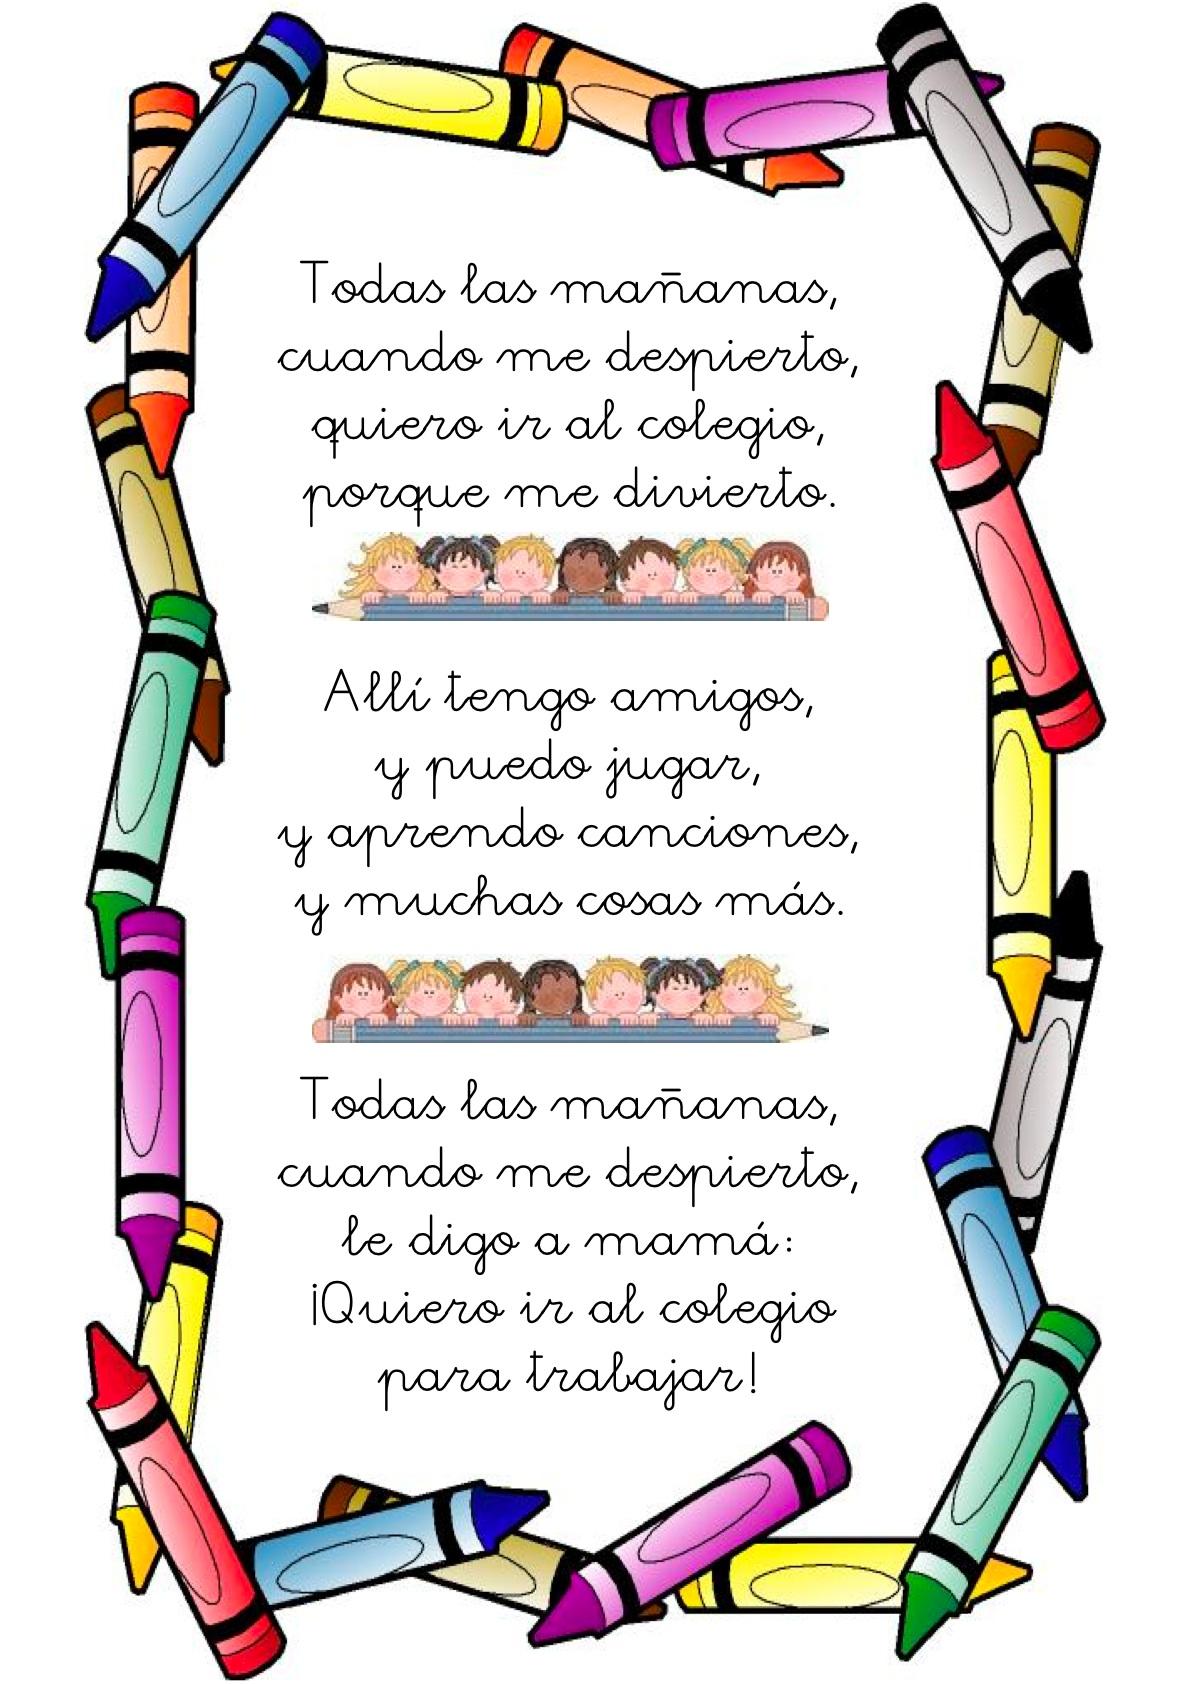 Poemas Cortos al Maestro y al Profesor - Taringa!